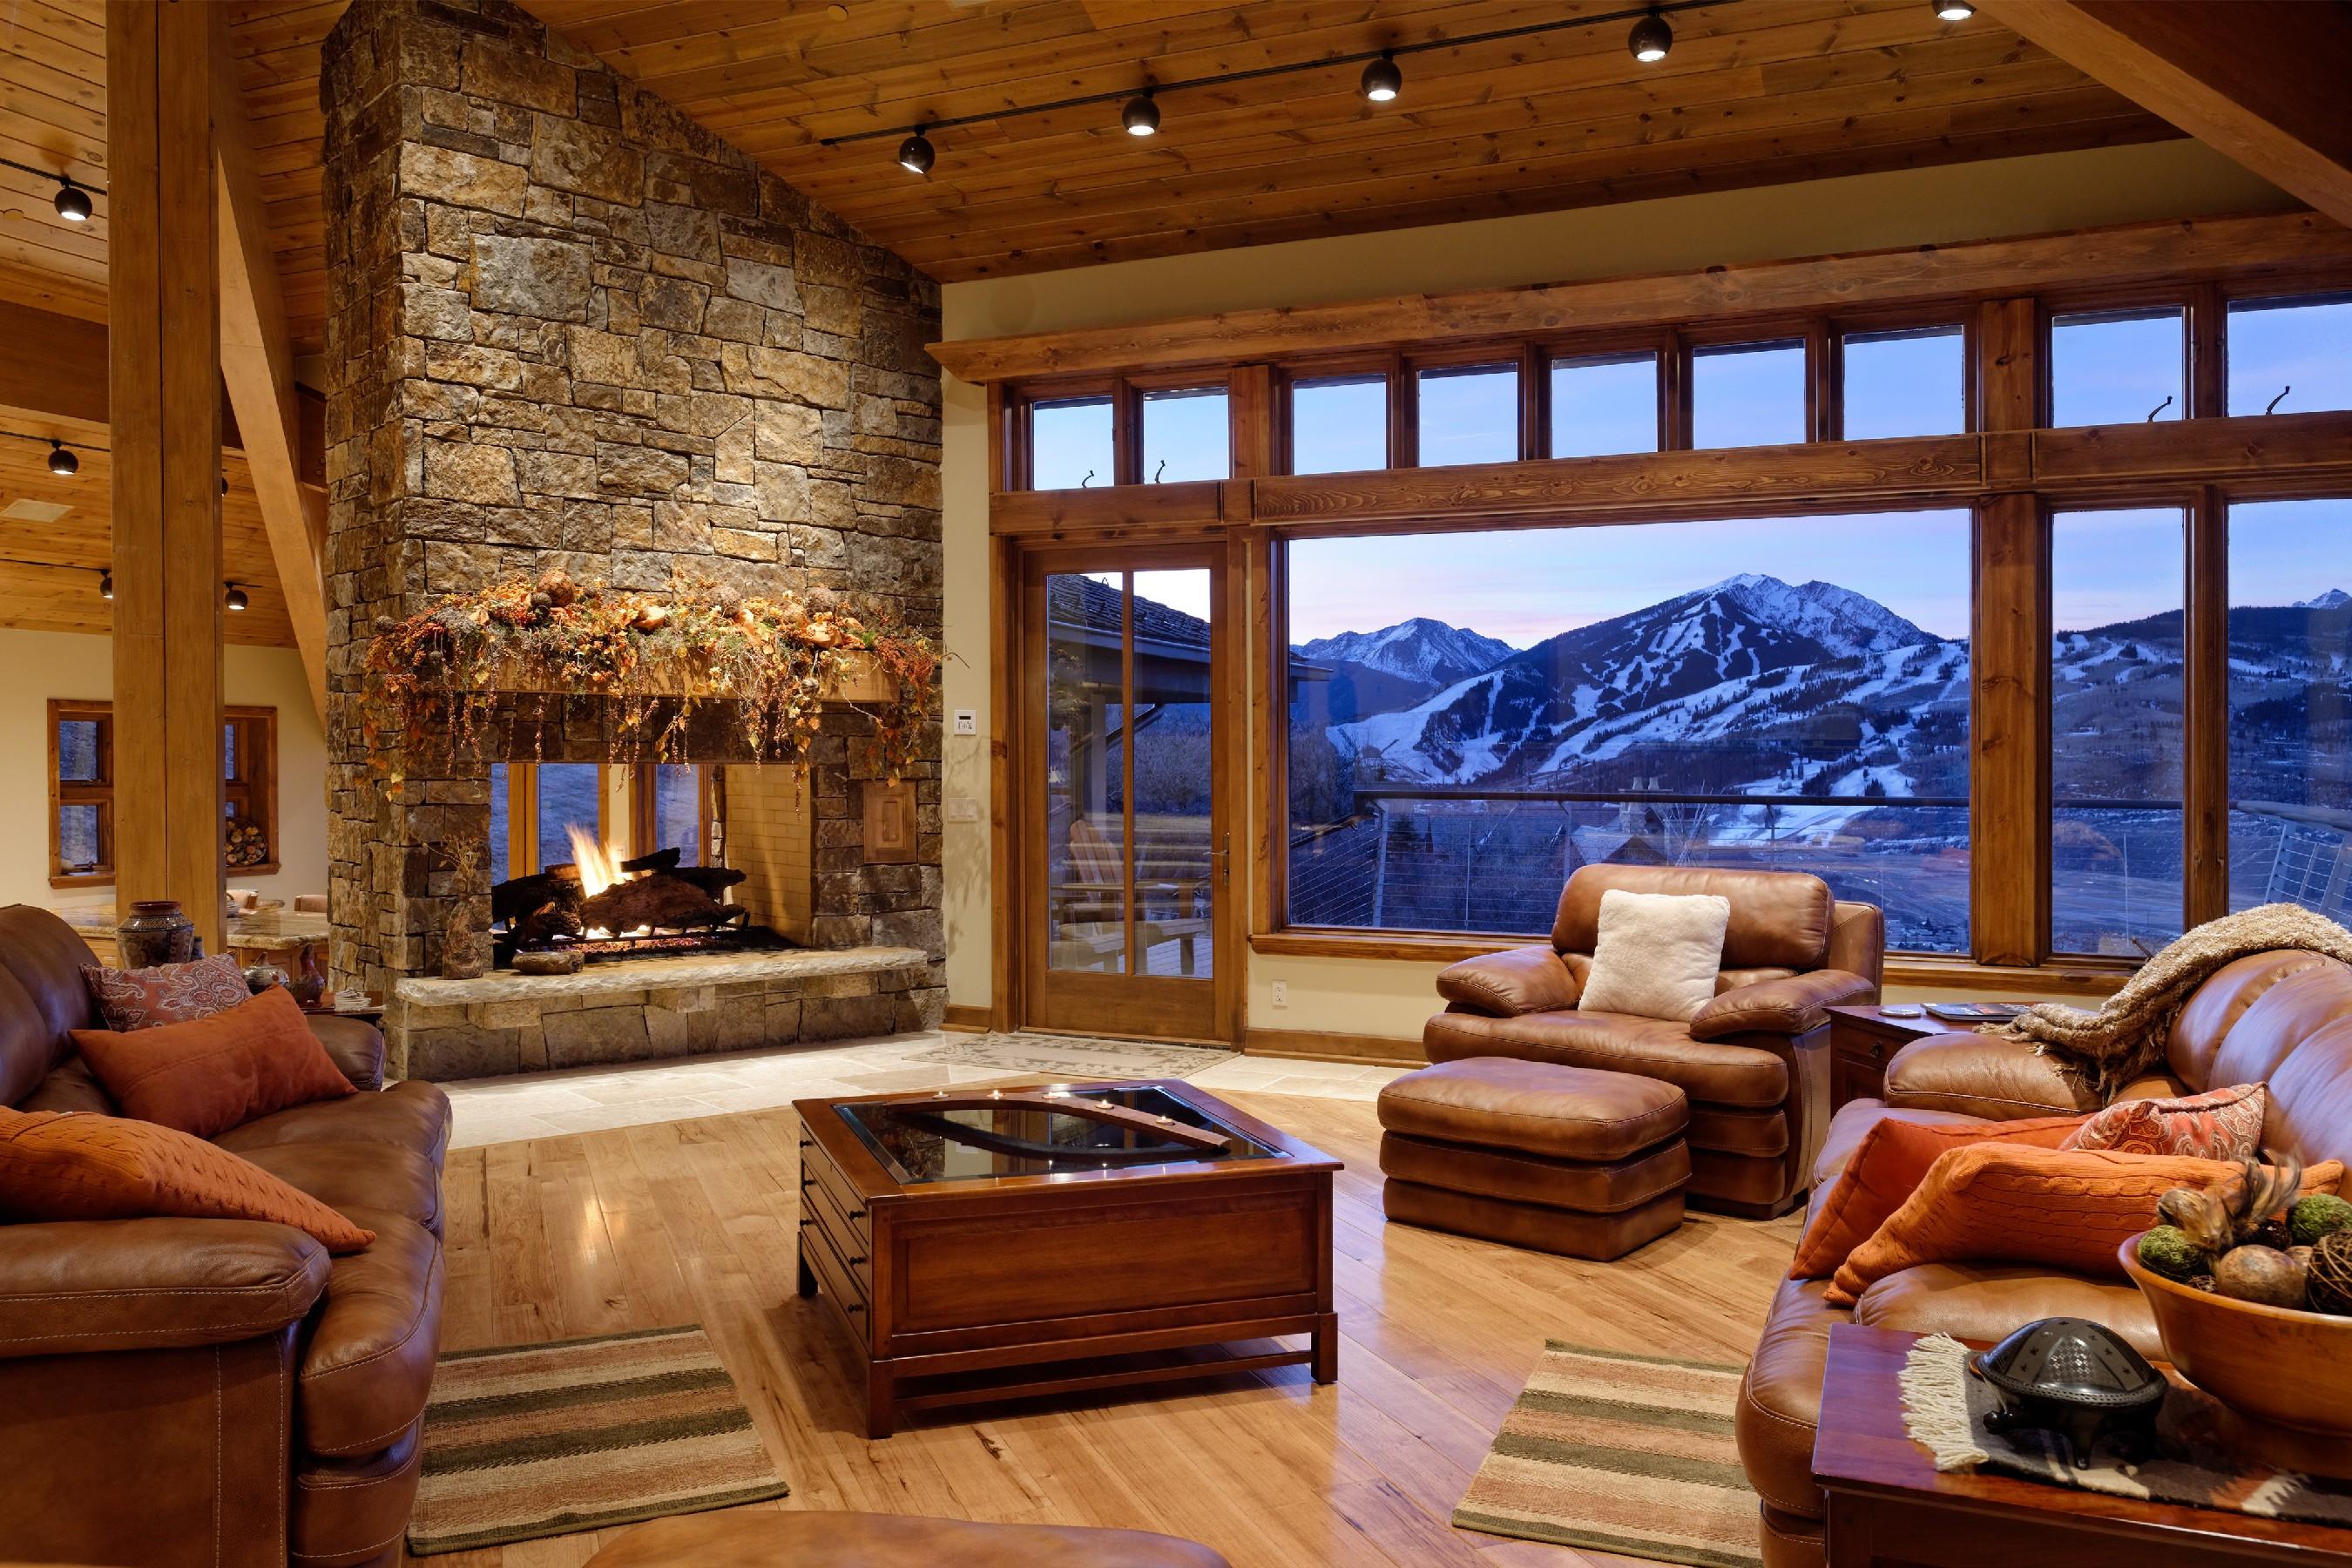 Частный односемейный дом для того Продажа на Starwood Lifestyle! 670 Johnson Drive McLain Flats, Aspen, Колорадо, 81611 Соединенные Штаты